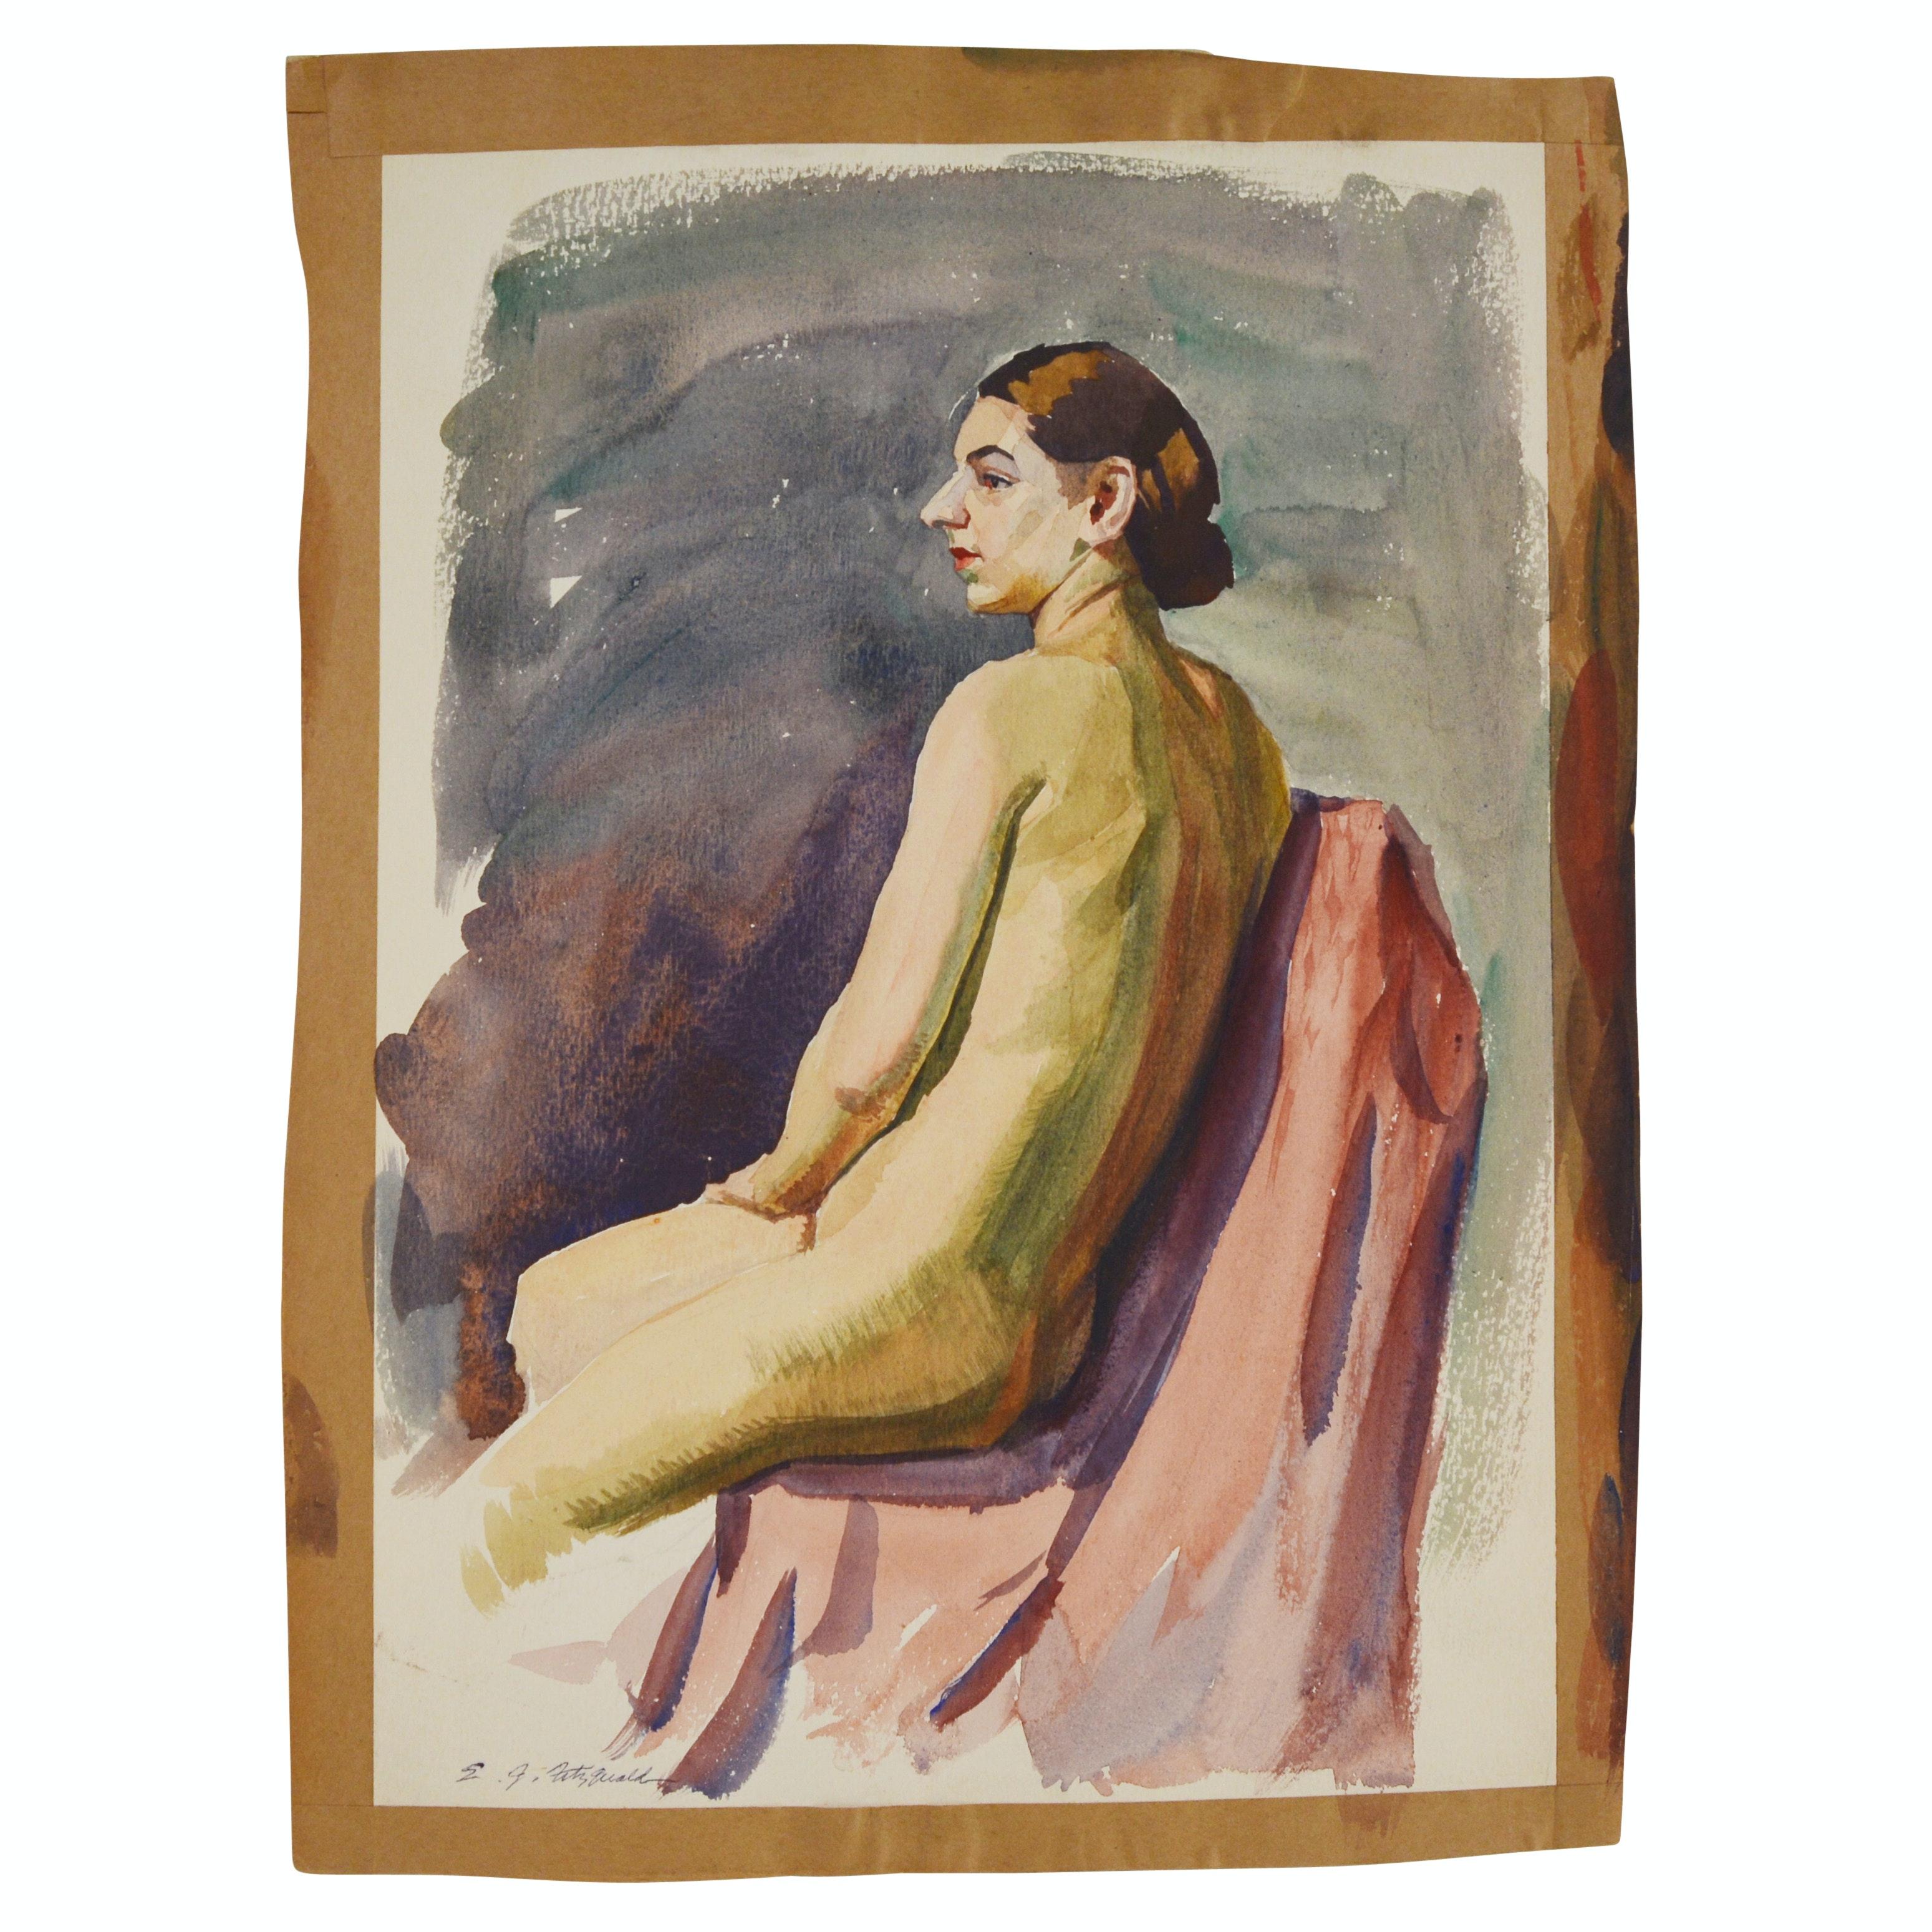 Edmond J. Fitzgerald Original Watercolor Seated Nude Woman